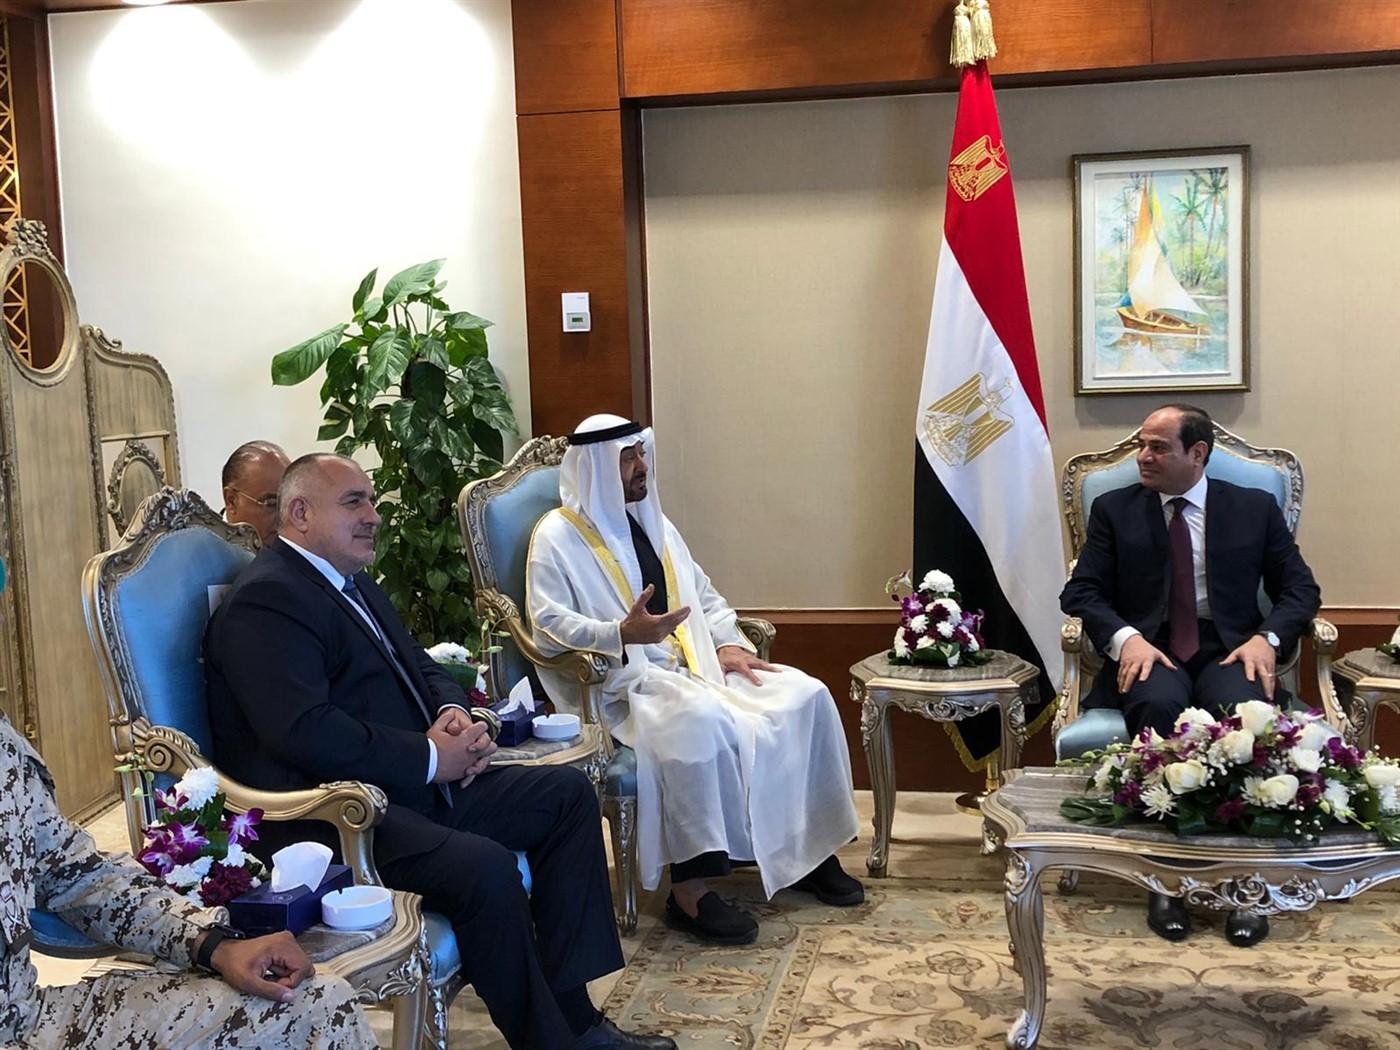 Συναντήθηκαν Borissov και Sisi στην Αίγυπτο